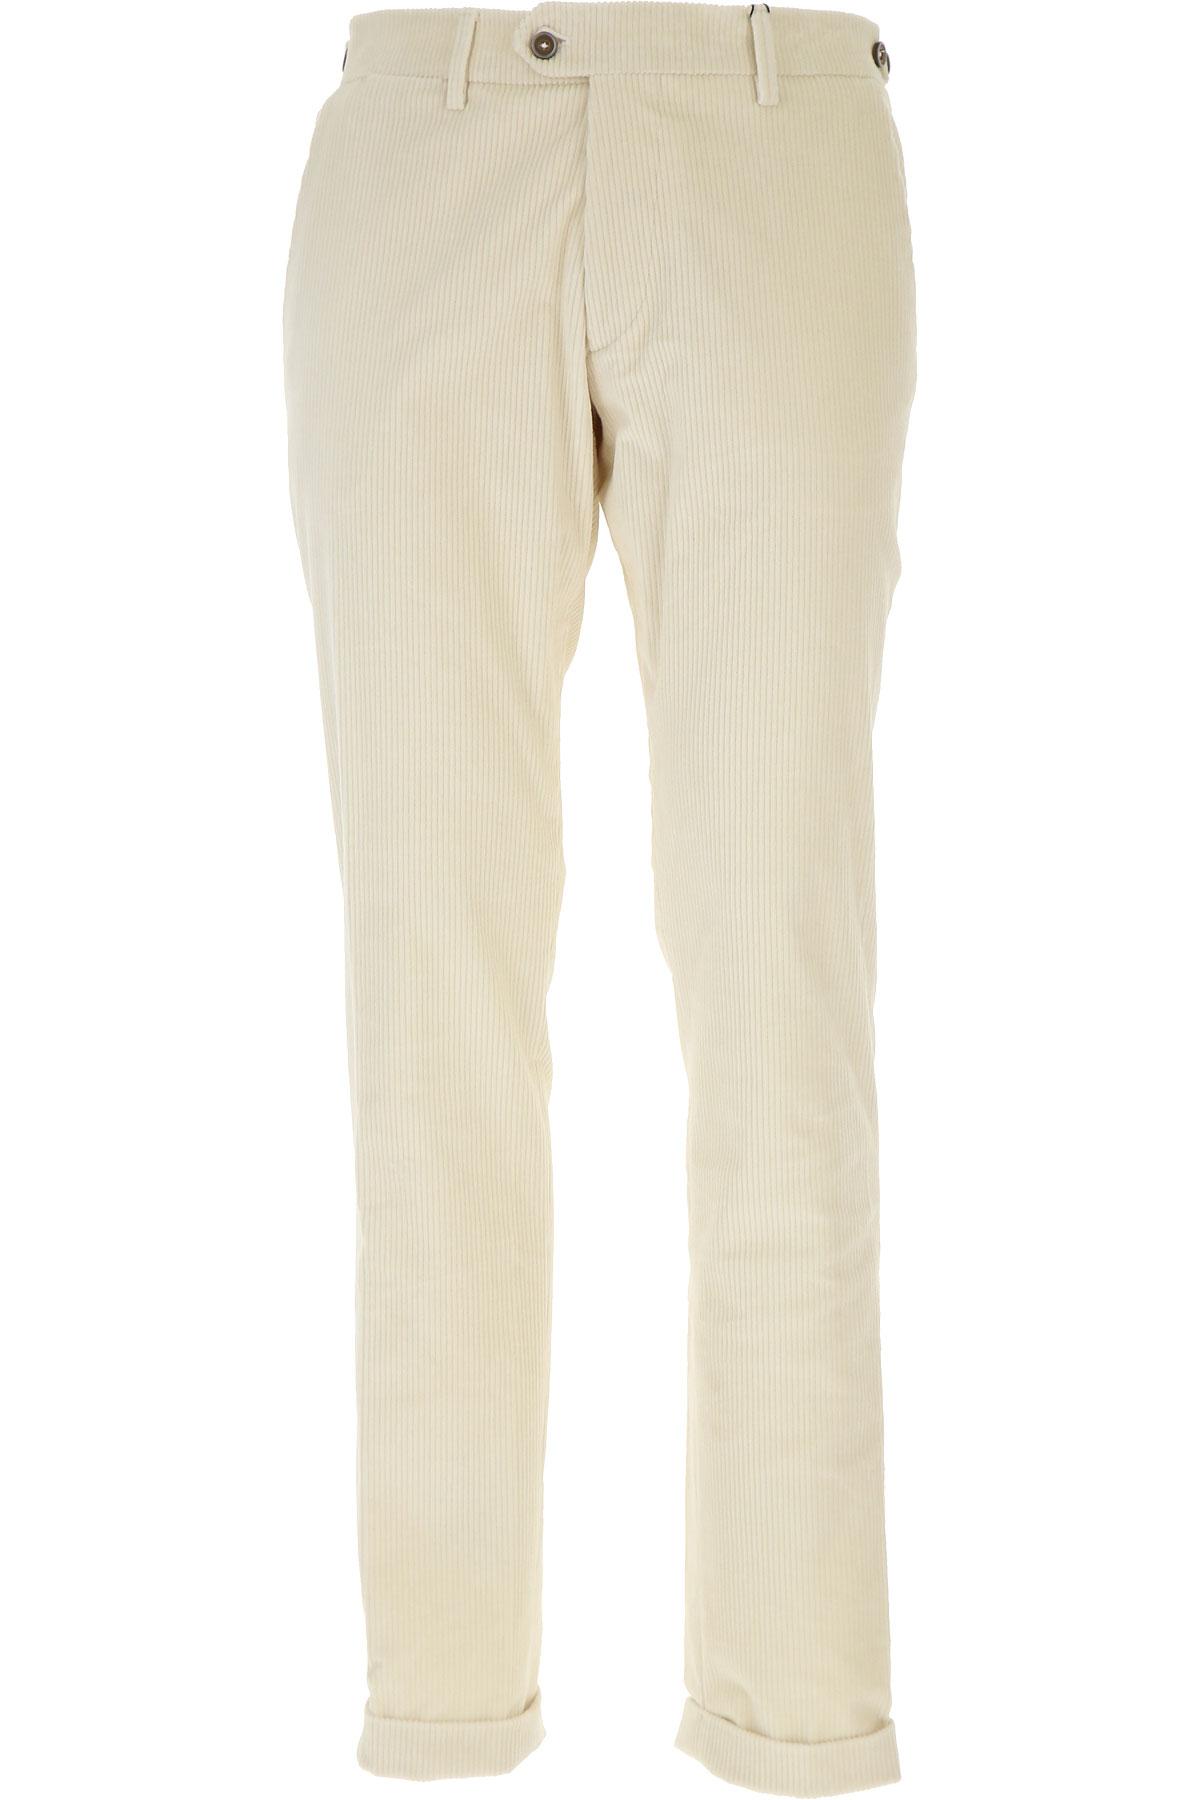 Image of Berwich Pants for Men, Milk, Cotton, 2017, 30 32 34 36 38